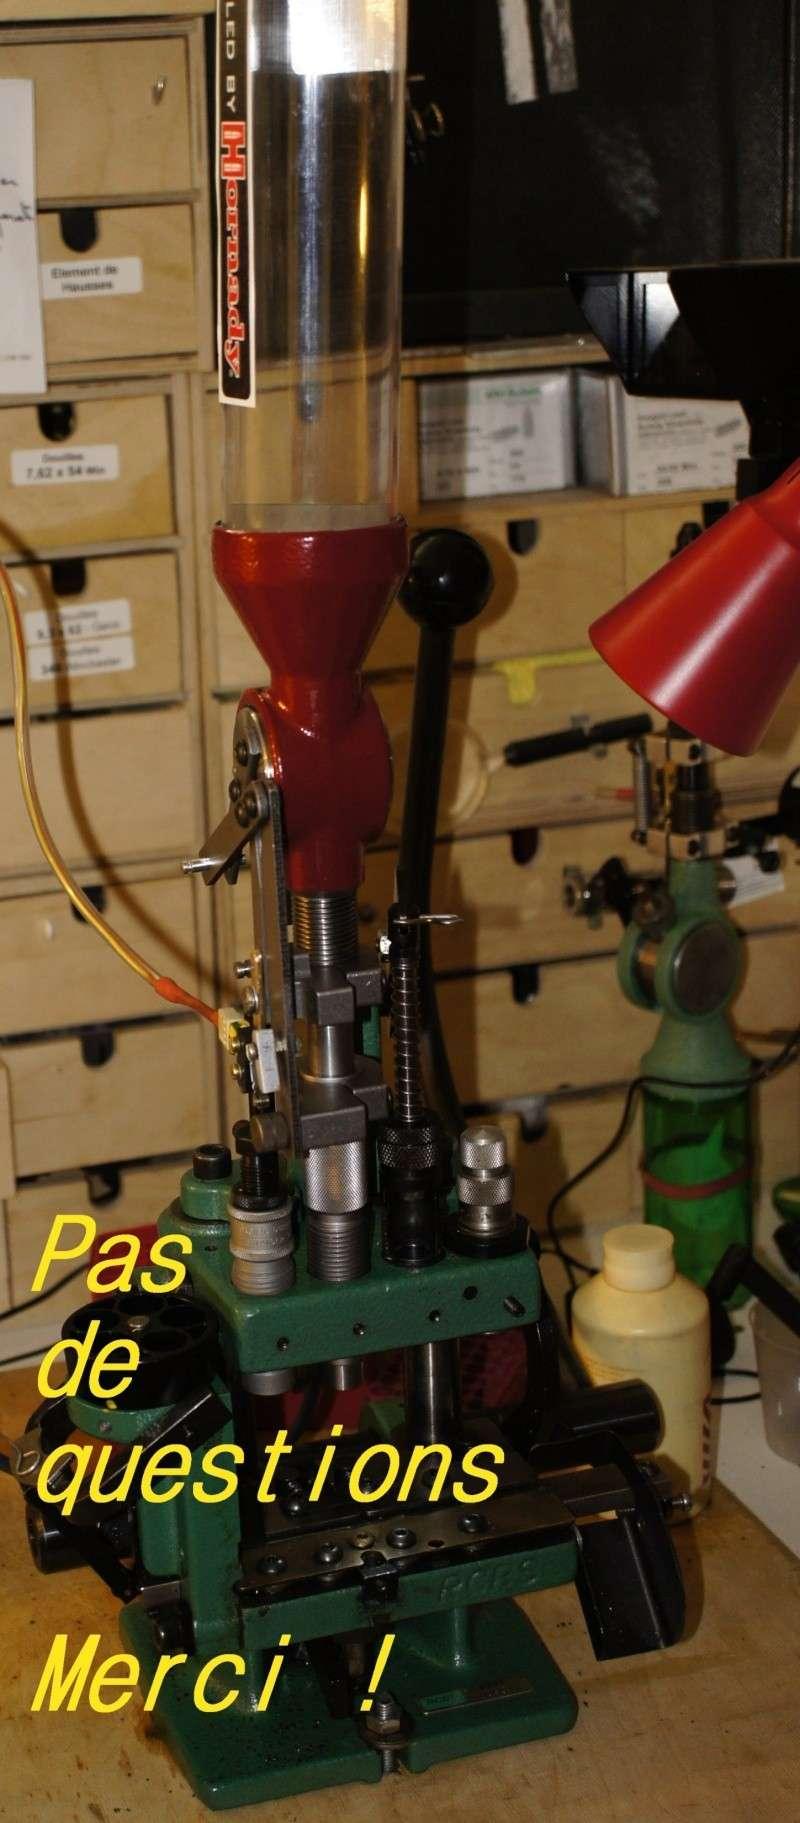 Green machine façon Jean louis - Page 3 Copie_21